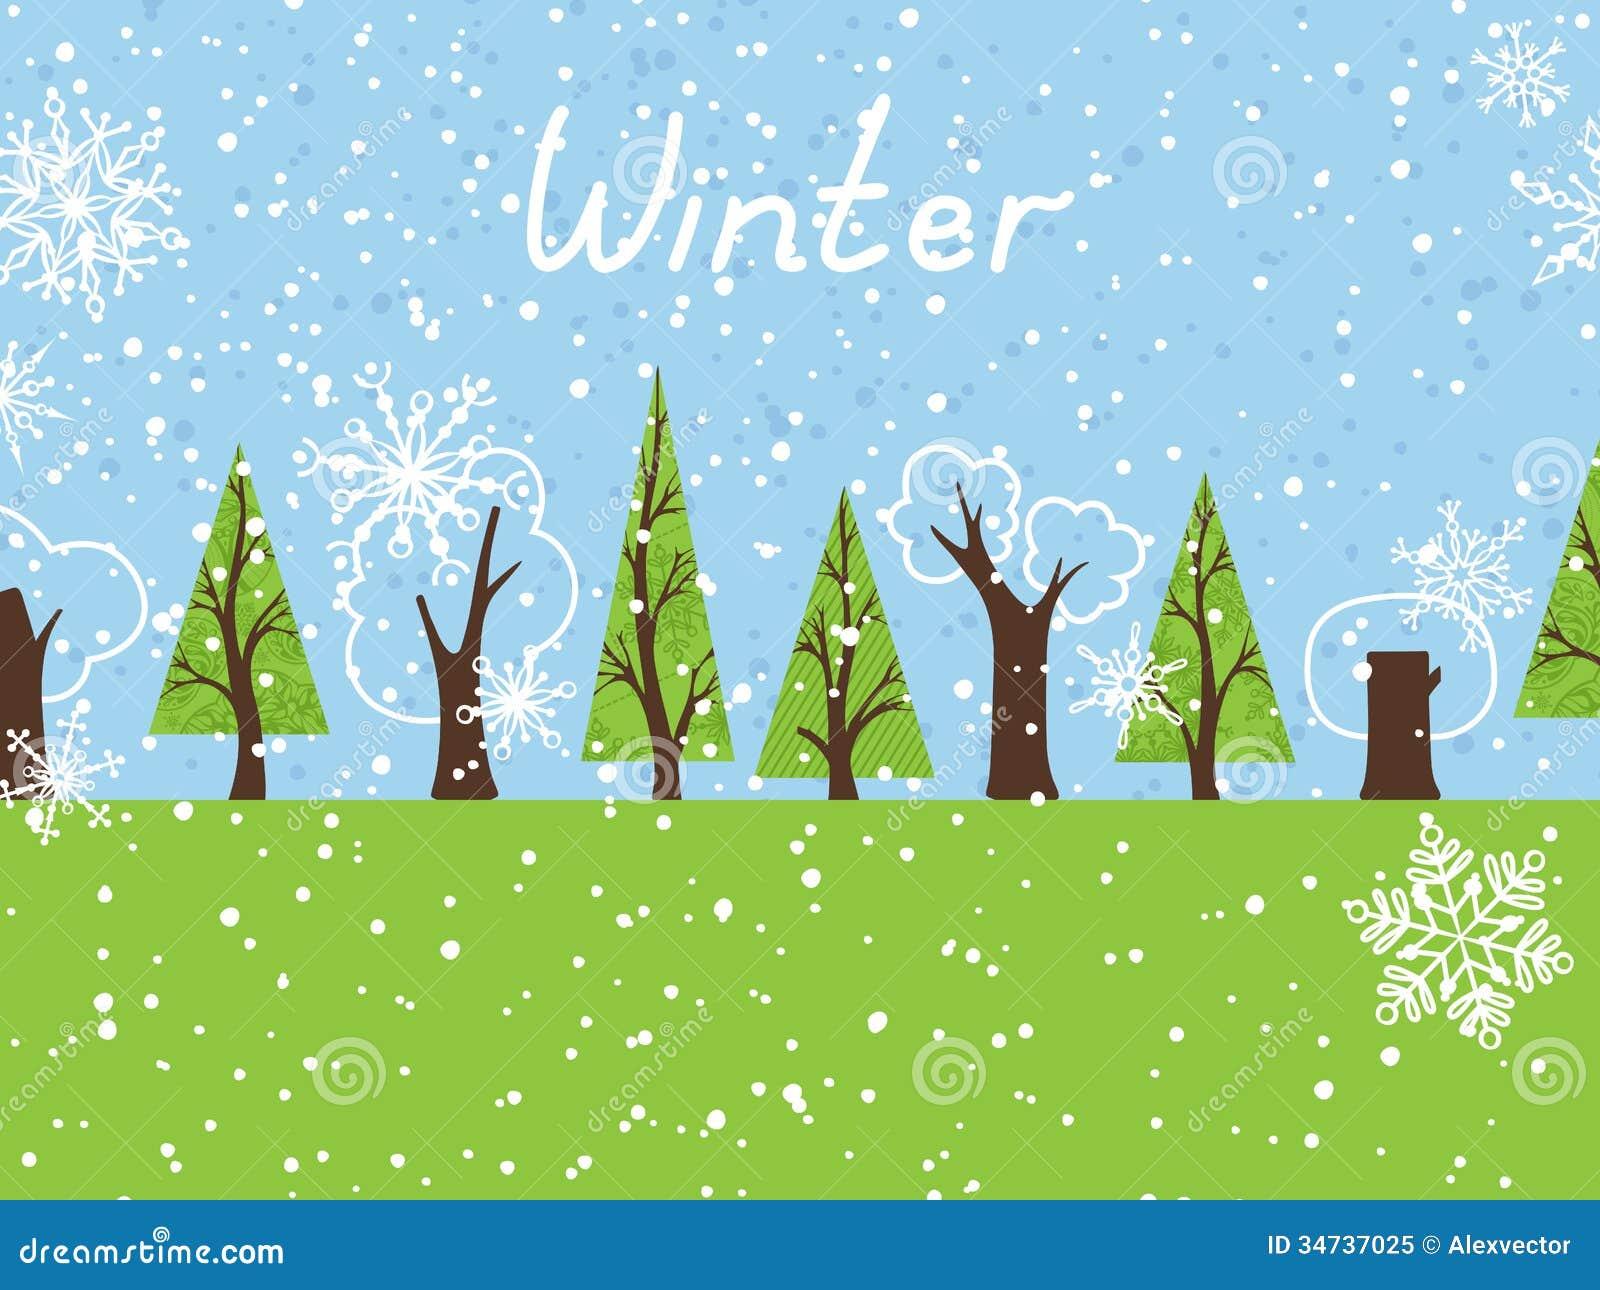 冬天树和地球.有您的天空的版面在文本和地方上.4月黑板报冷杉设计图图片